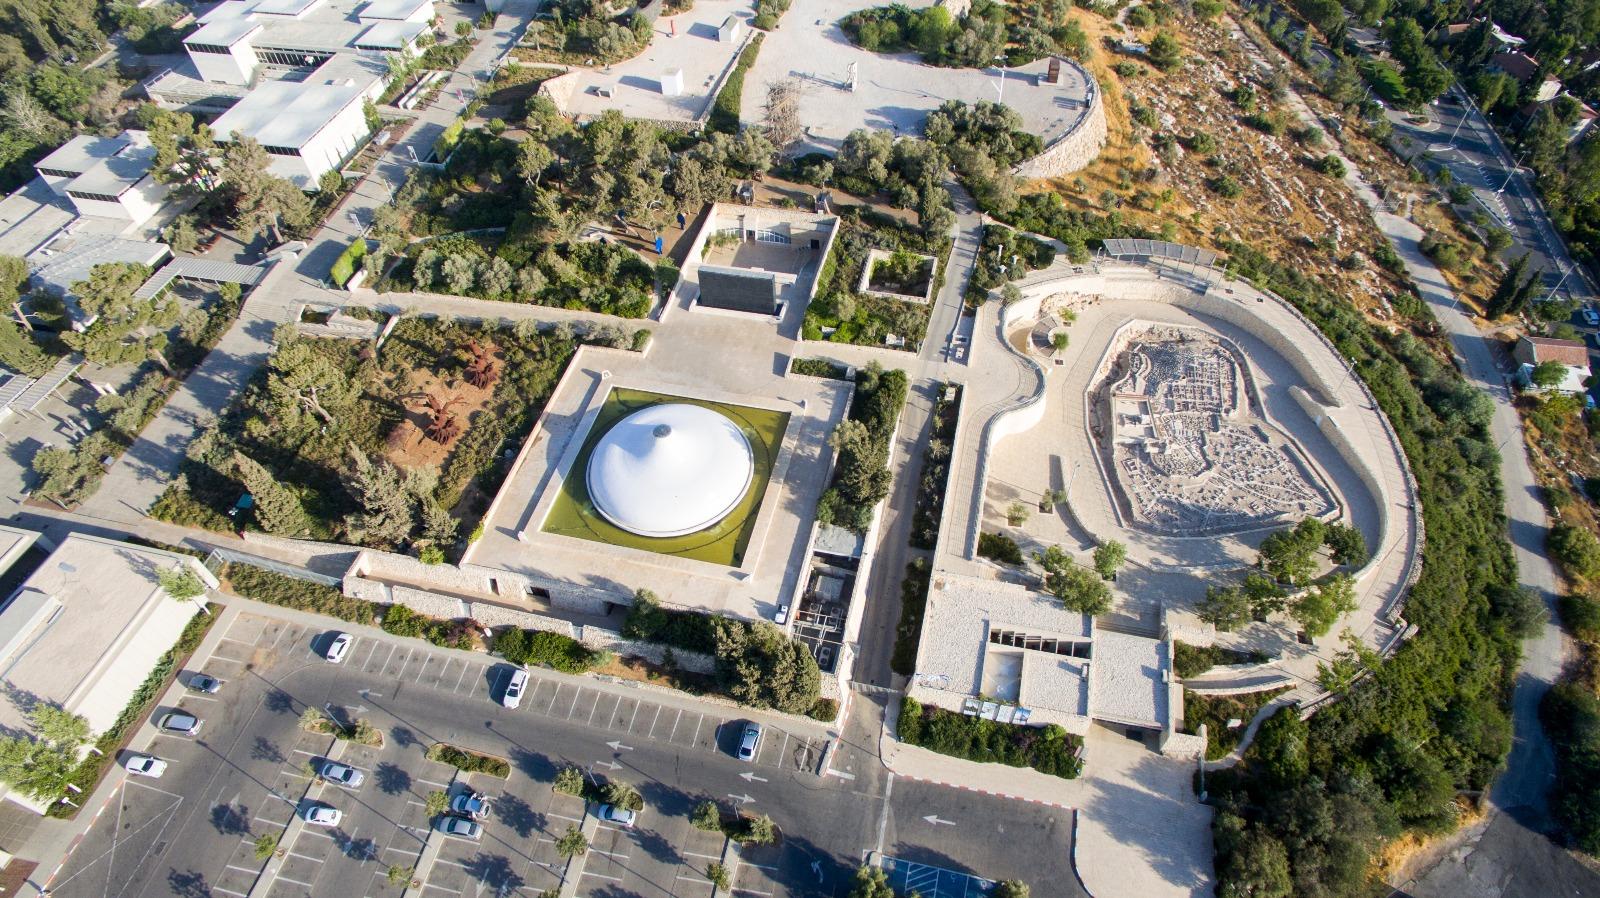 """17 מעצבים מובילים נענו לפניית מוזיאון ישראל: """"עיצוב עכשווי של חפצי טקס יהודיים"""""""